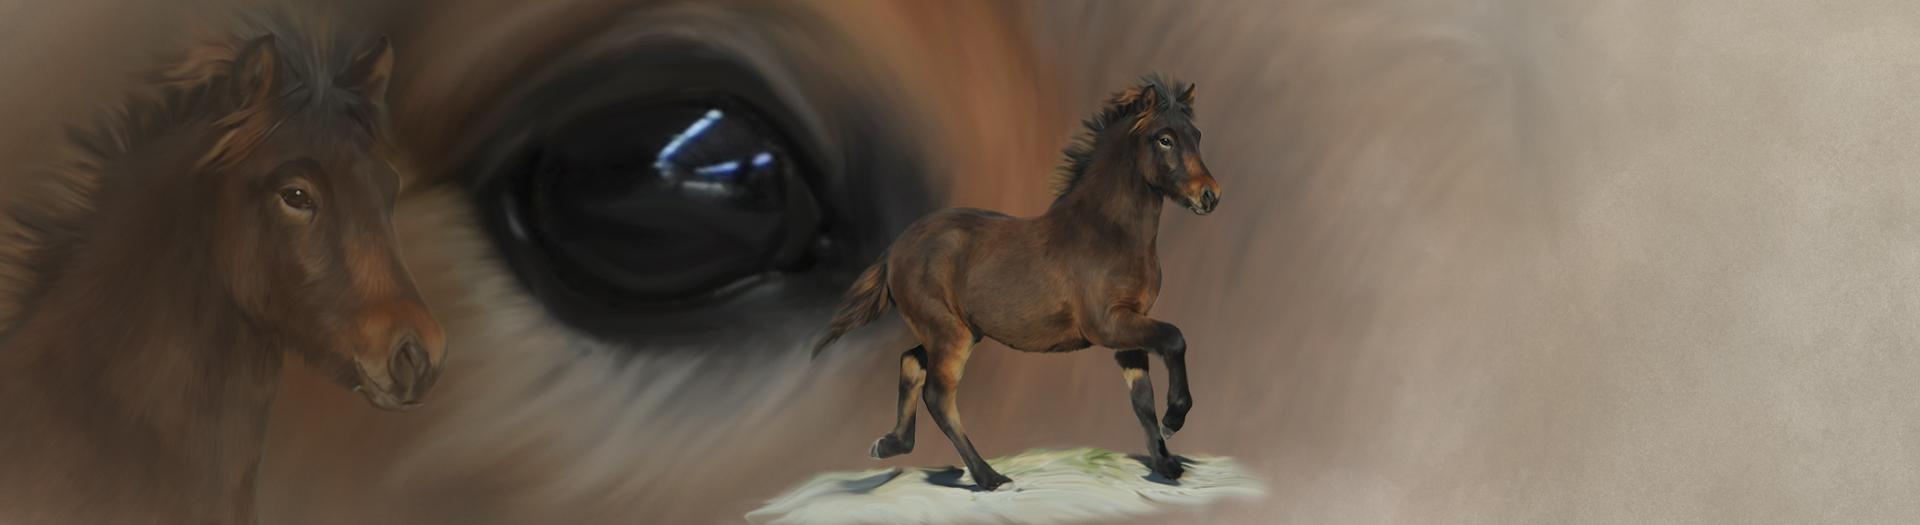 Pferde-Collage durch Foto-Collage mit Pferden